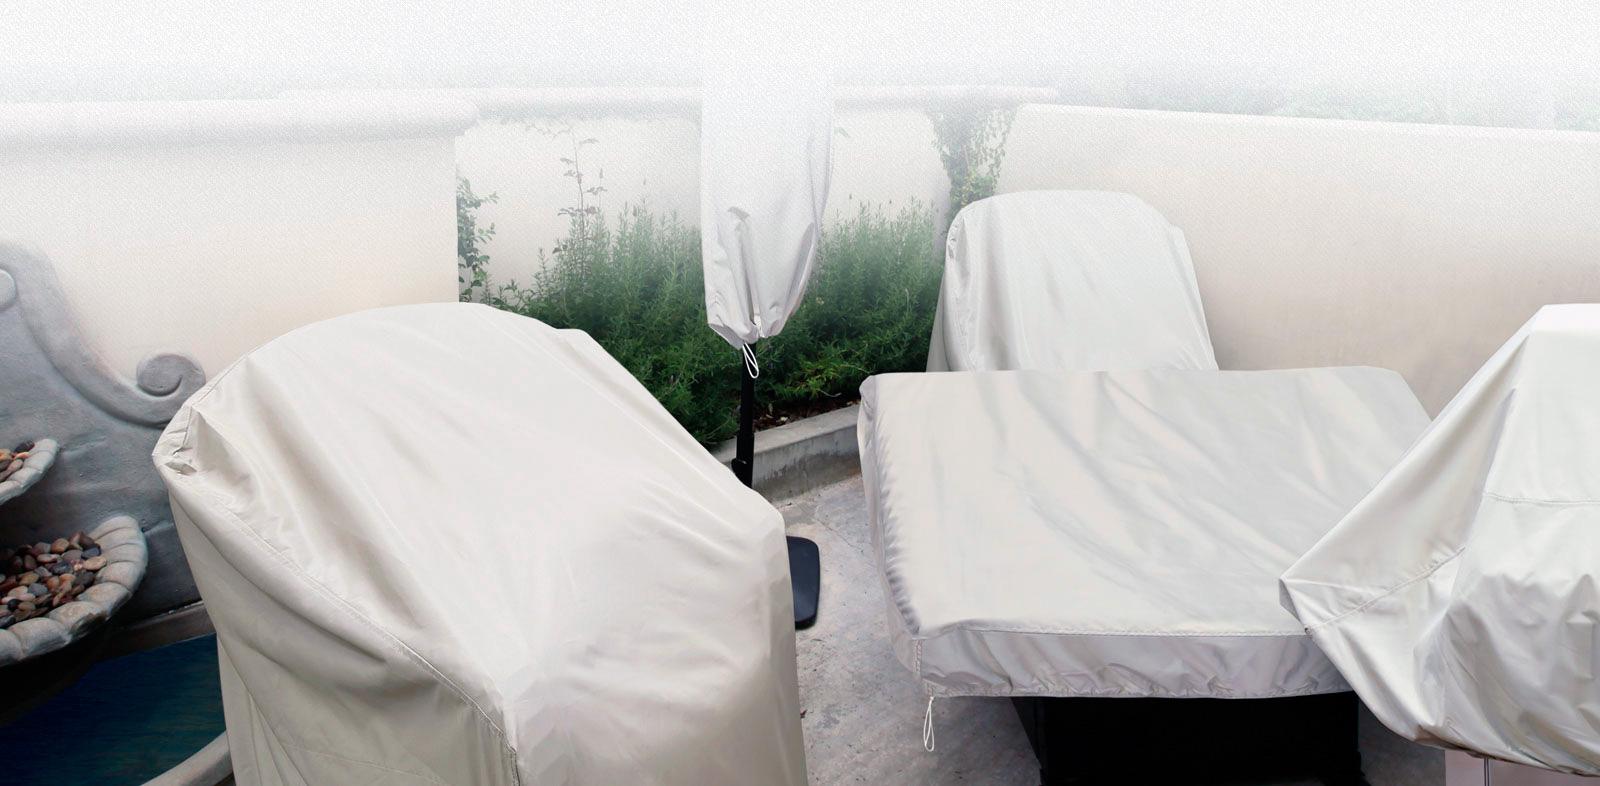 fundas para sofas en lugo oak sofa table with drawers muebles de jardin y terraza impermeables a medida cubiertas